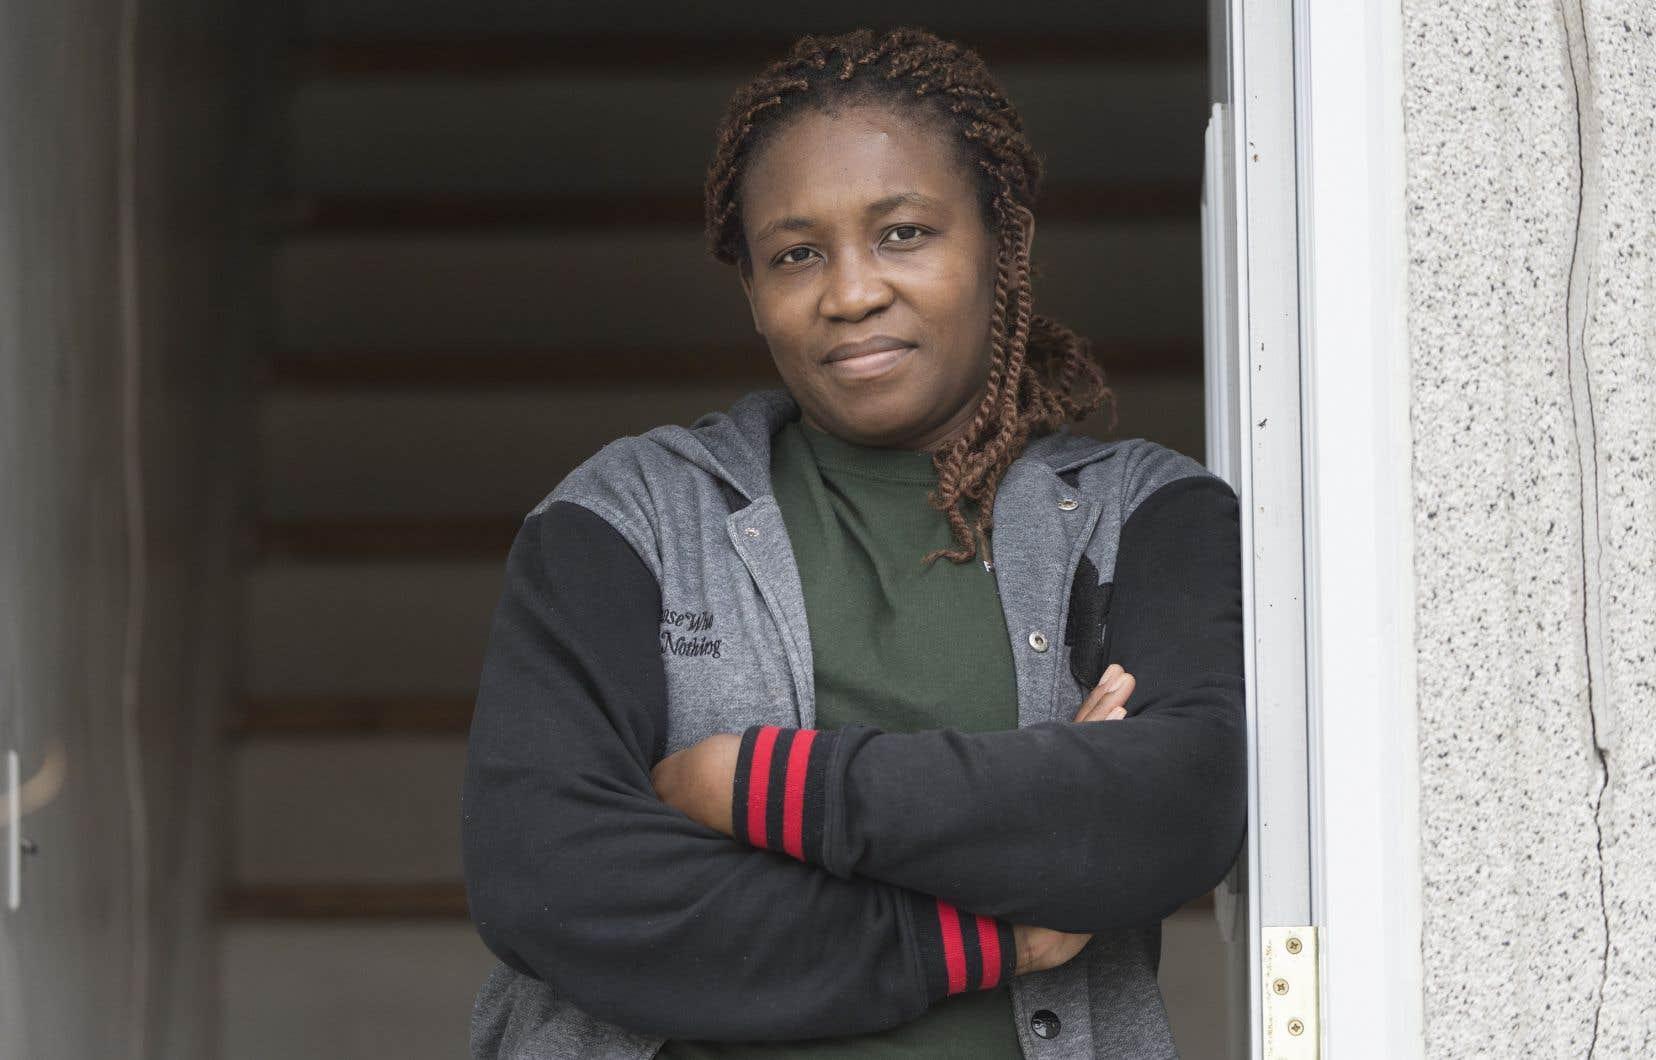 Ze Benedicte Carole, une demandeuse d'asile originaire du Cameroun, a répondu à l'appel du premier ministre Legault d'aller prêter main-forte dans les CHSLD.